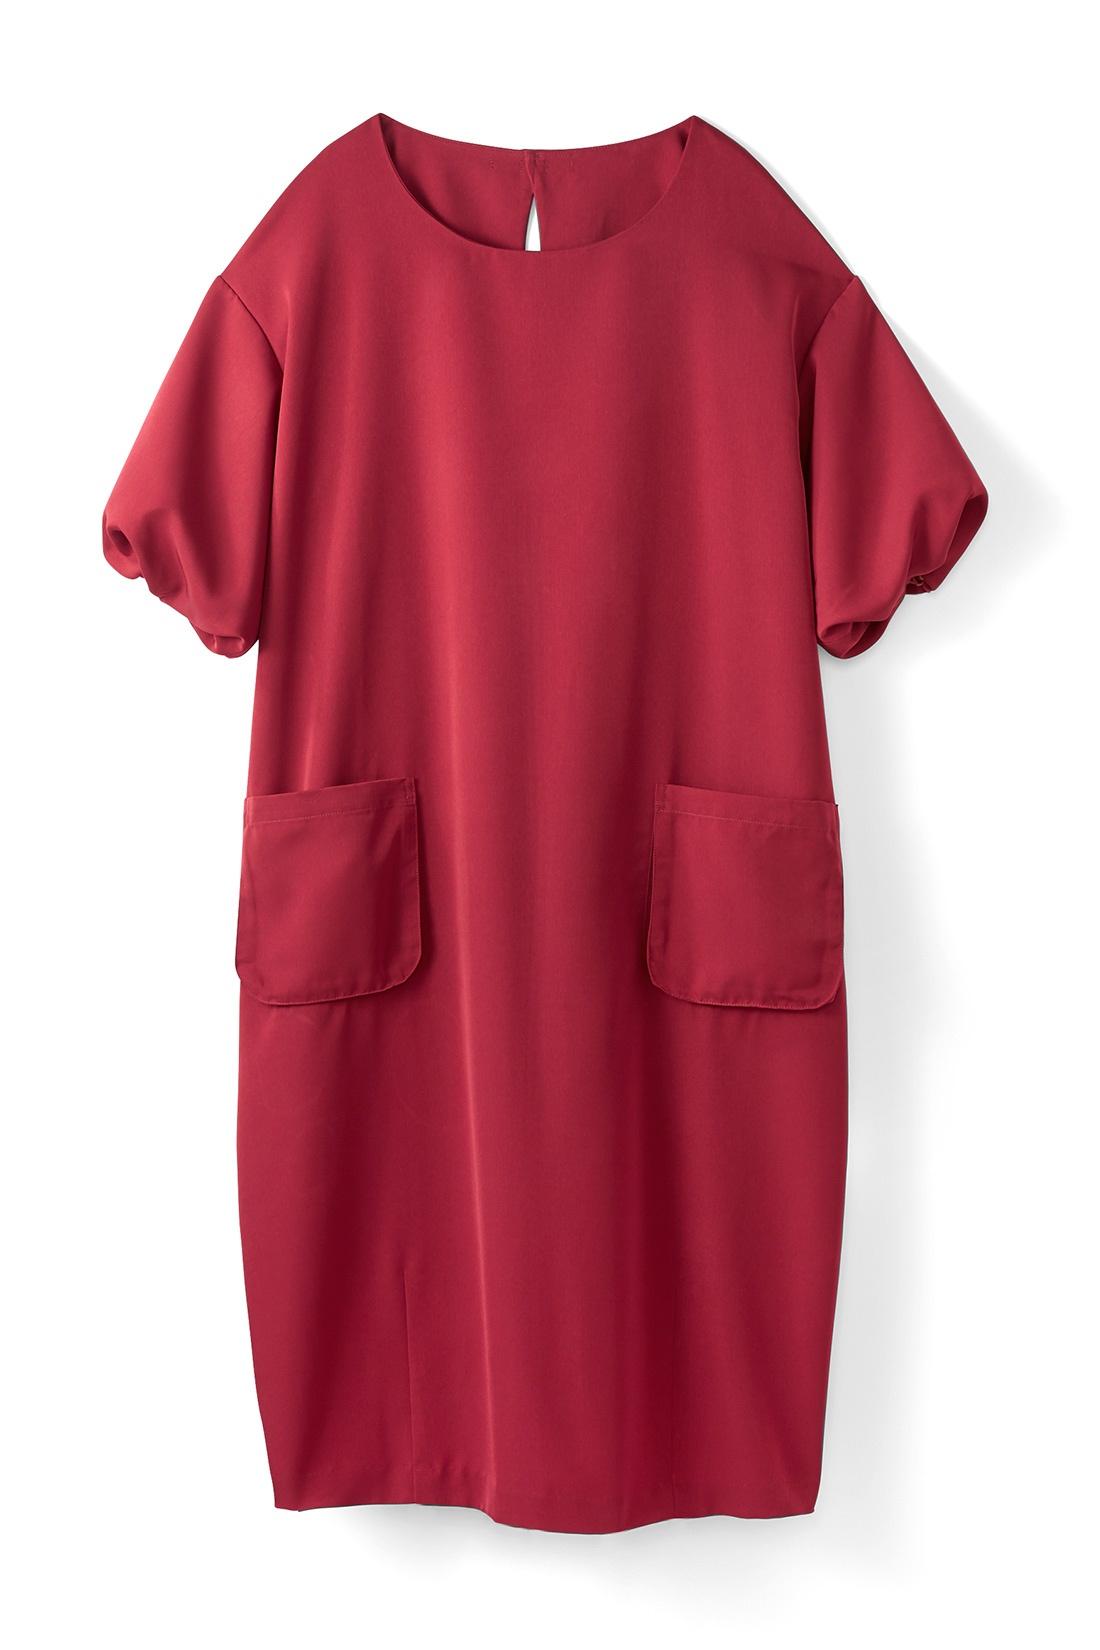 バルーンみたいにふくらんだ袖がいい感じ。コクーンシルエットは、からだのラインを隠してくれるので着やせ効果◎。